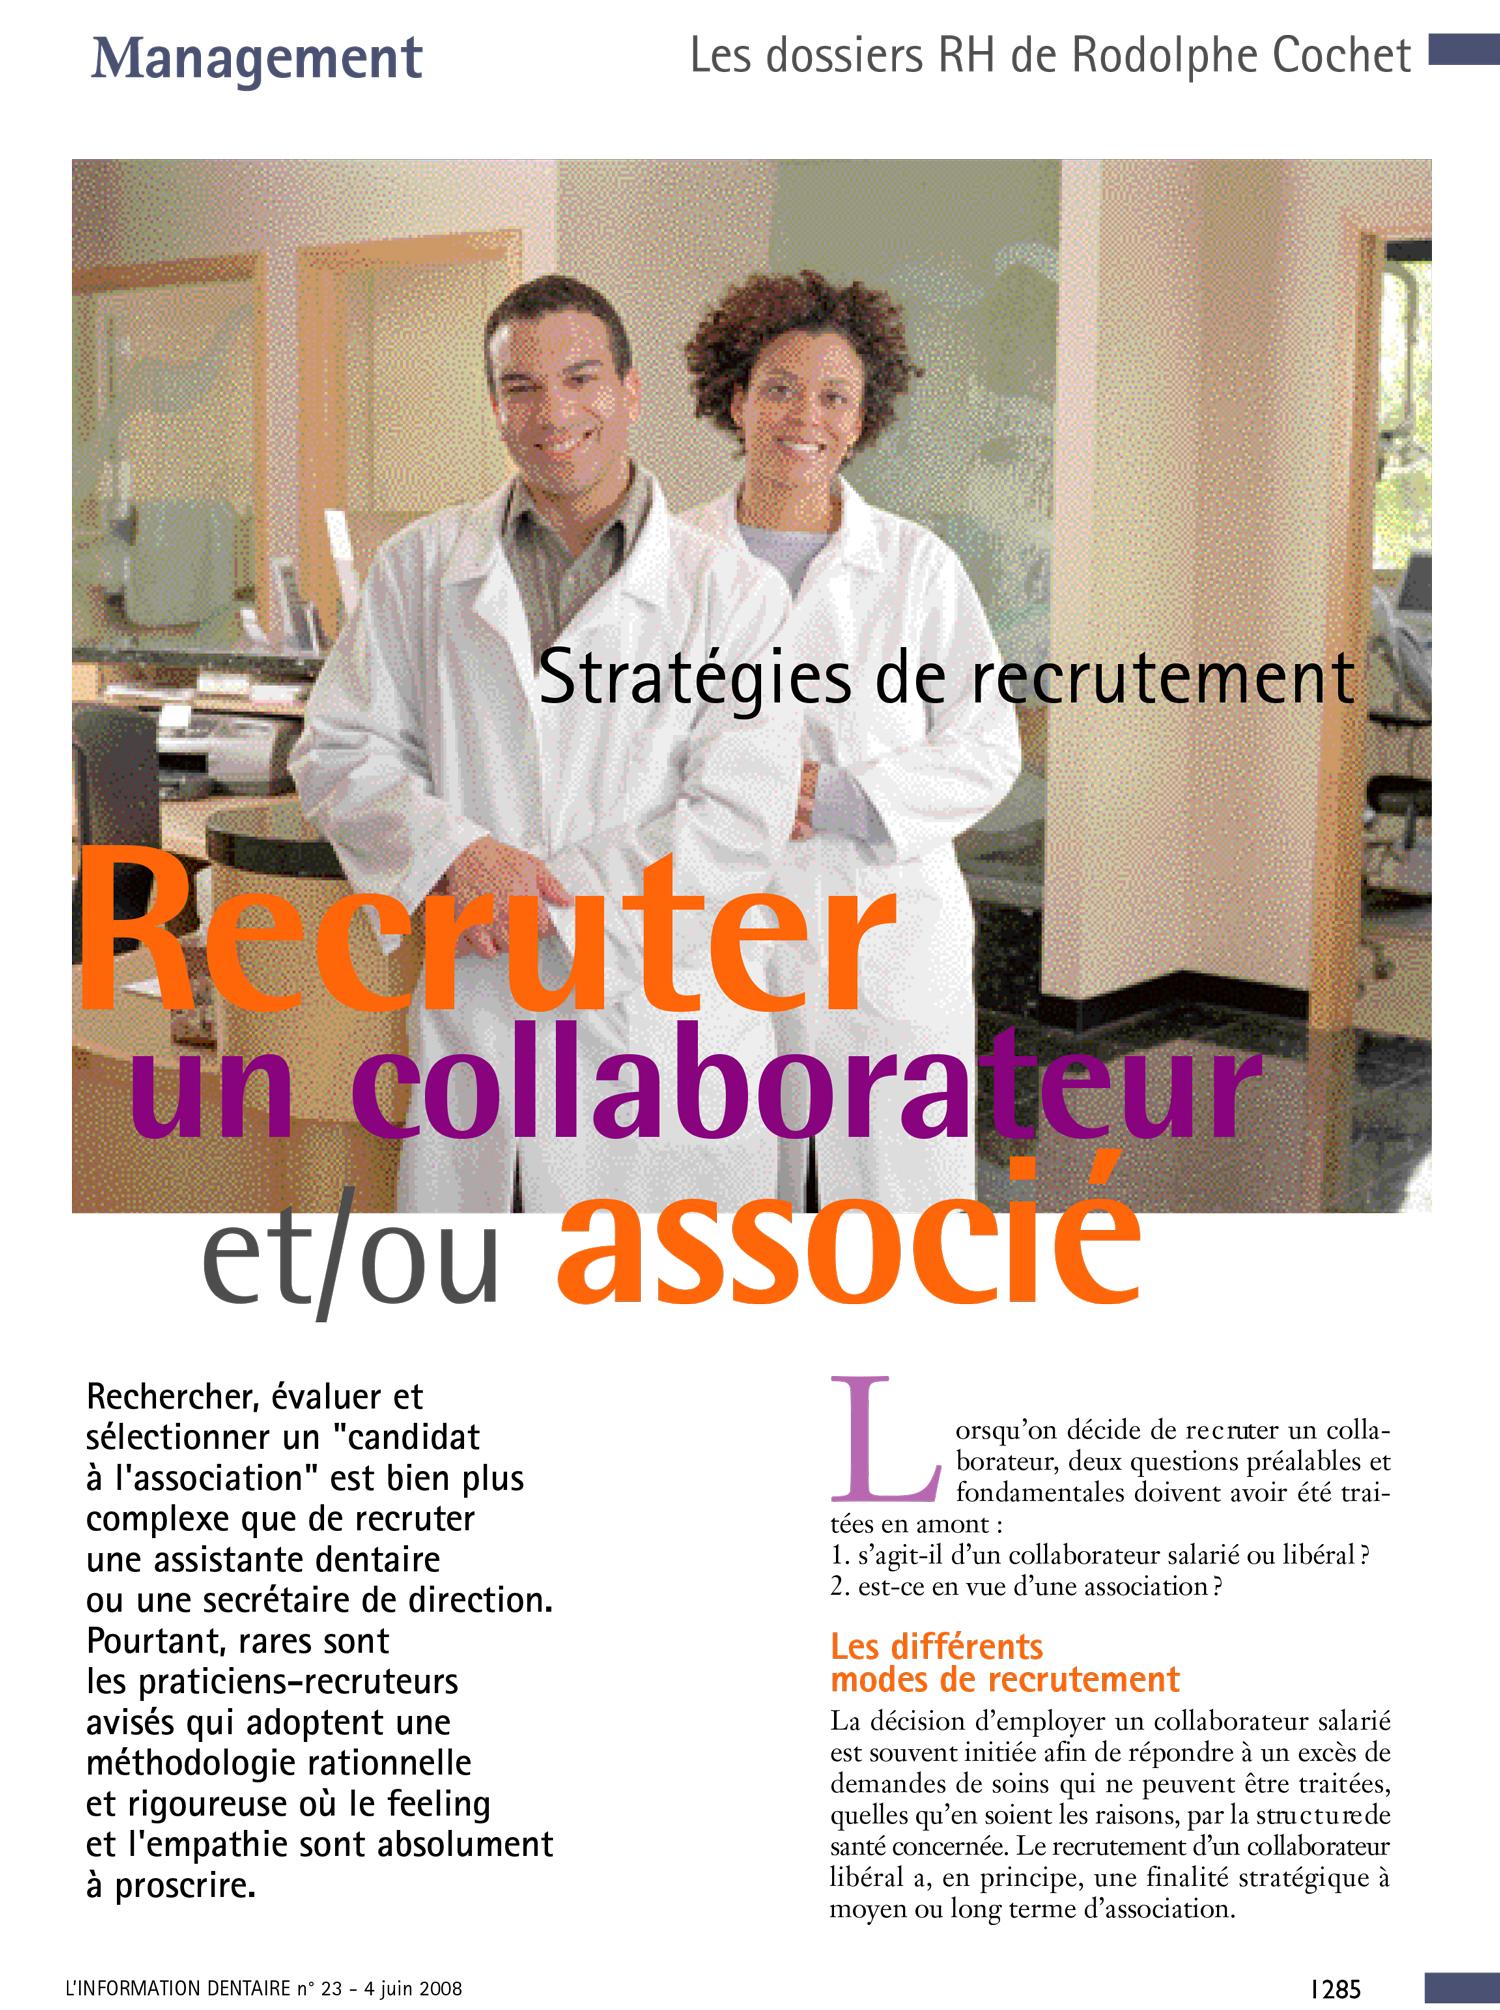 Les_Dossiers_RH_de_lInformation_Dentaire_-_Recruter_un_collaborateur_et_associe_-_Rodolphe_Cochet-1.jpg